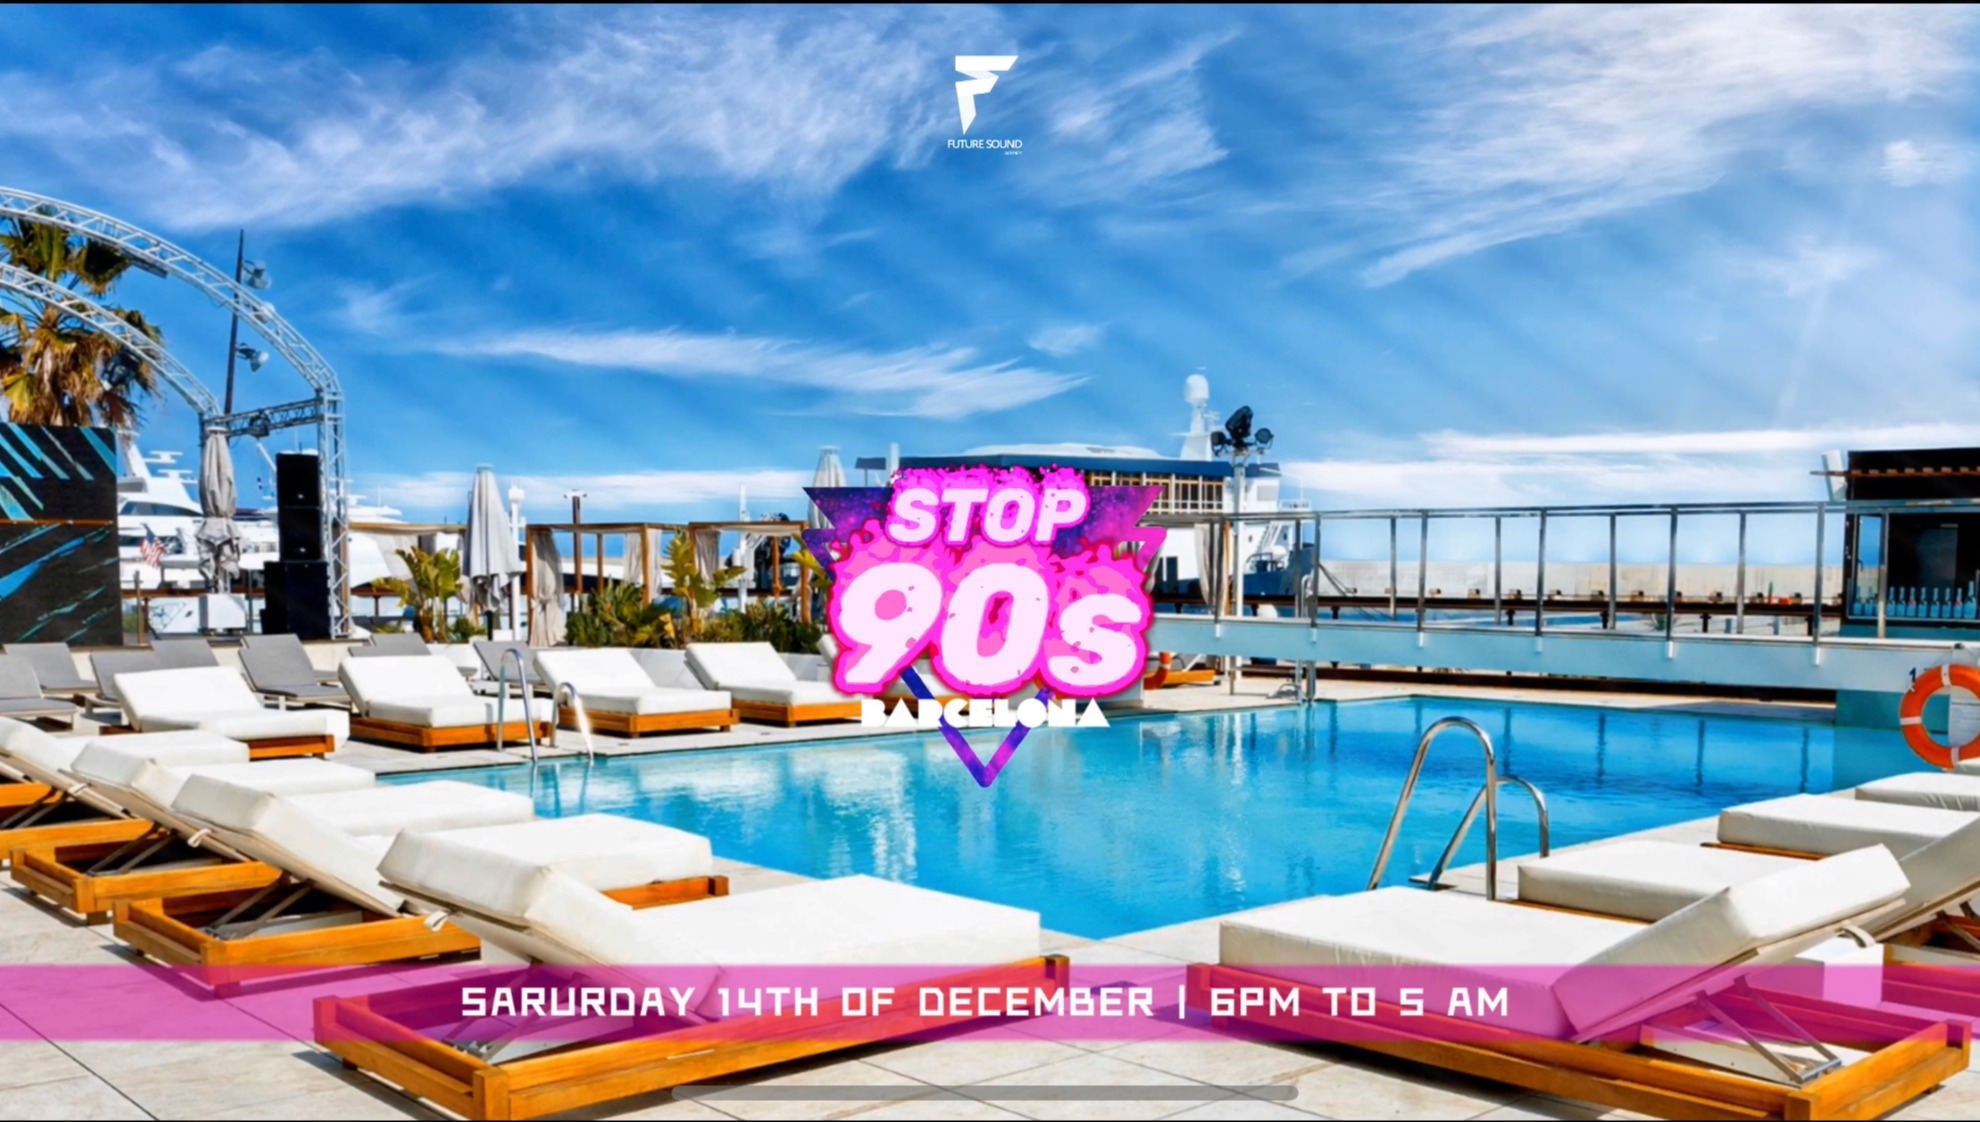 STOP 90'S GO BEACH CLUB BARCELONA